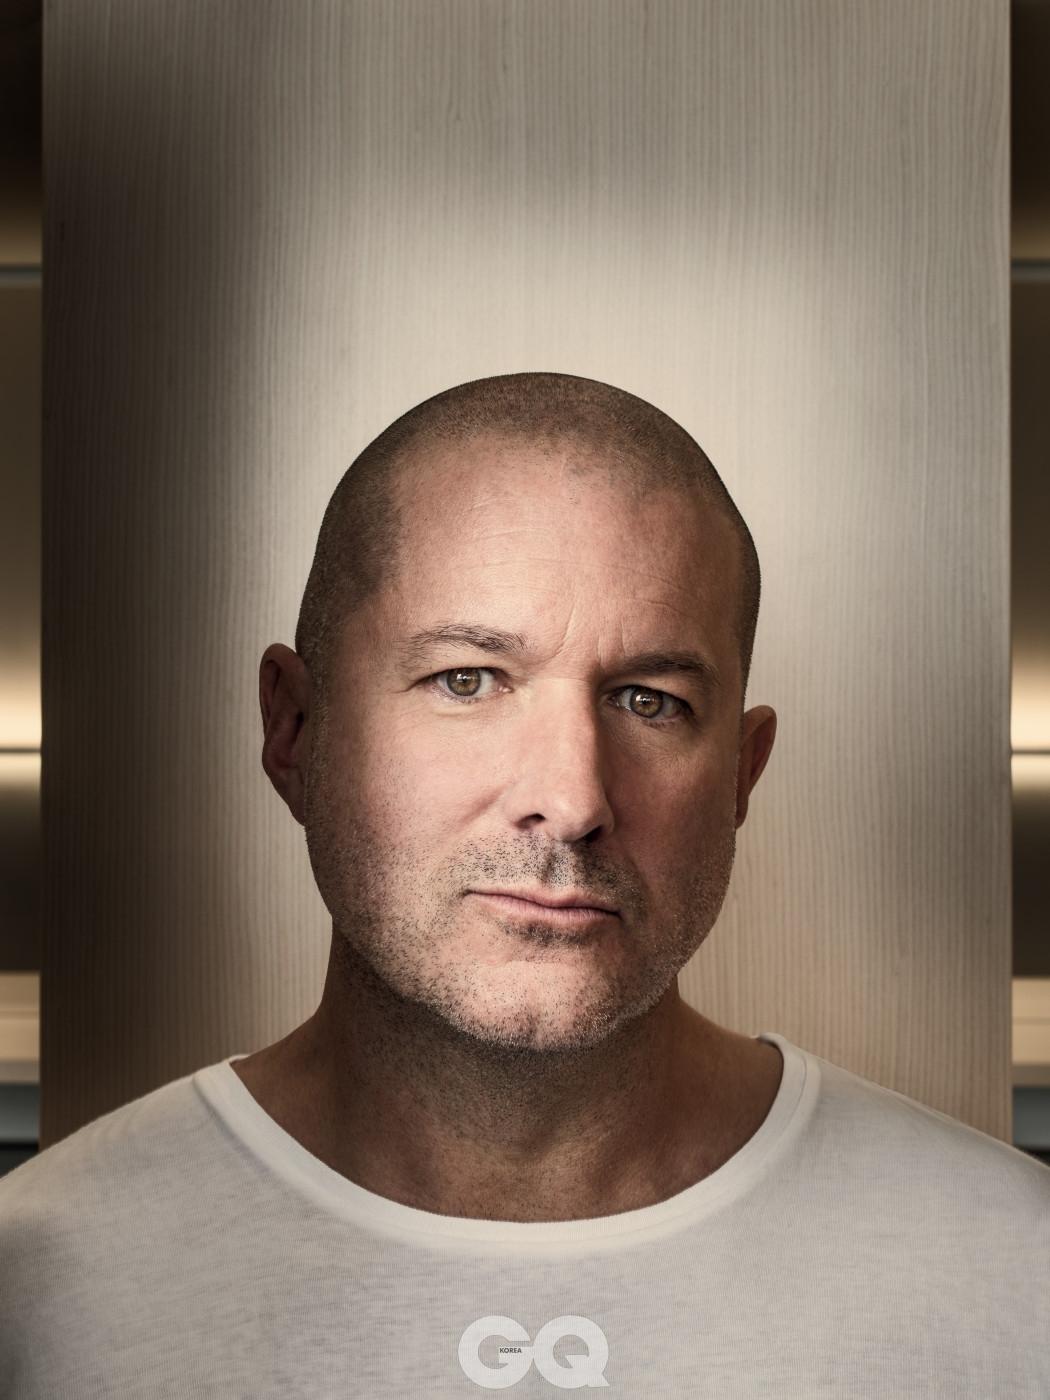 1997년부터 조너선 아이브는 새 본사를 포함한 모든 애플 제품의 디자인을 총괄했다.